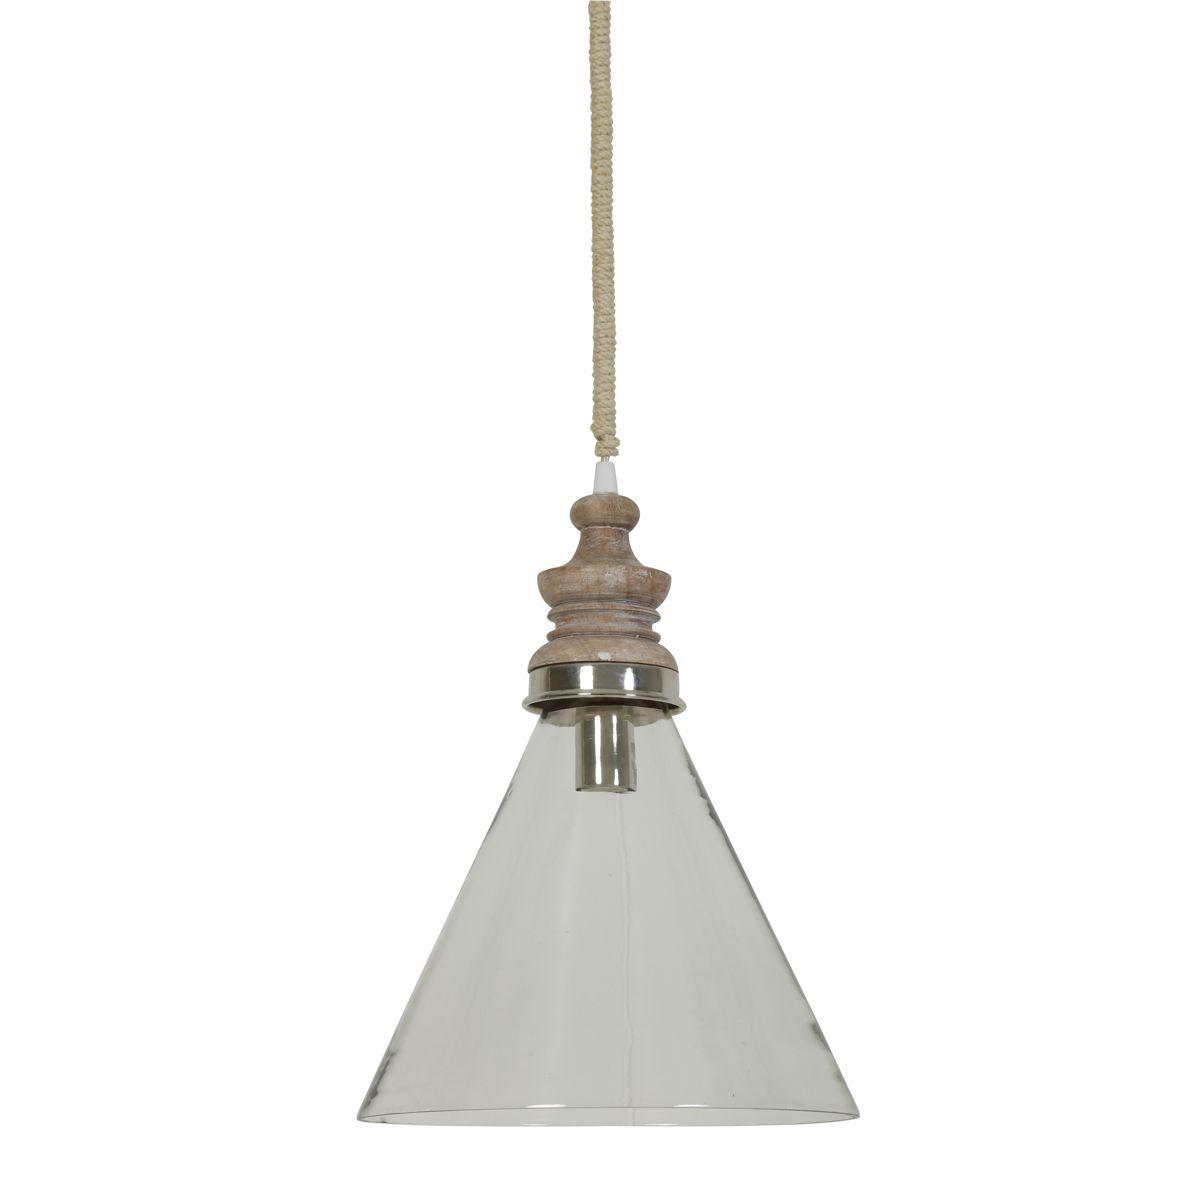 Lampa wisząca Sieba szkło drewno Ø27x36 cm 3052063 Light & Living